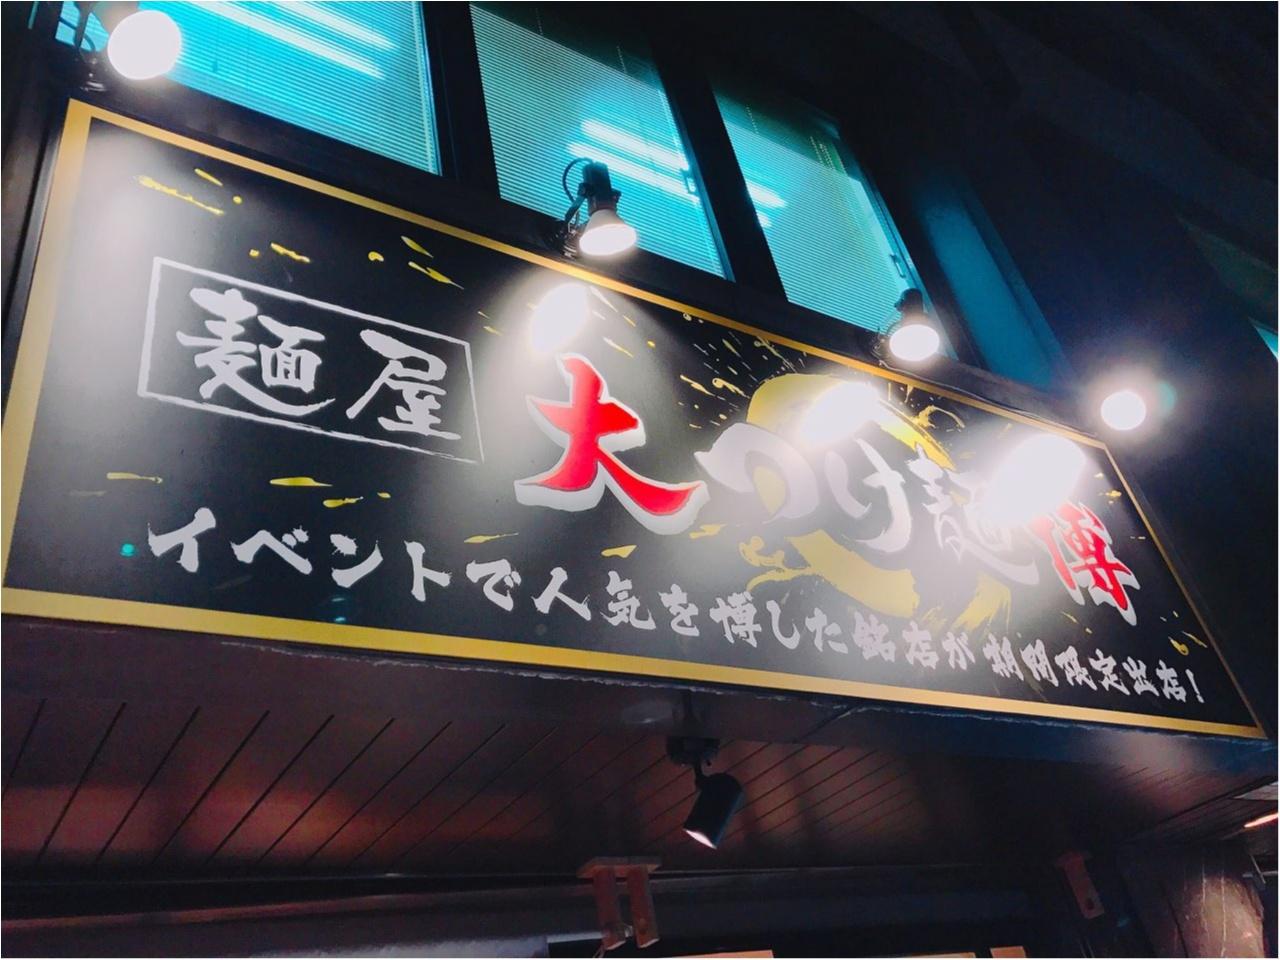 イベントで人気を博した銘店が期間限定出店‼︎第1弾は大人気の〇〇〇〇ラーメン♡_1